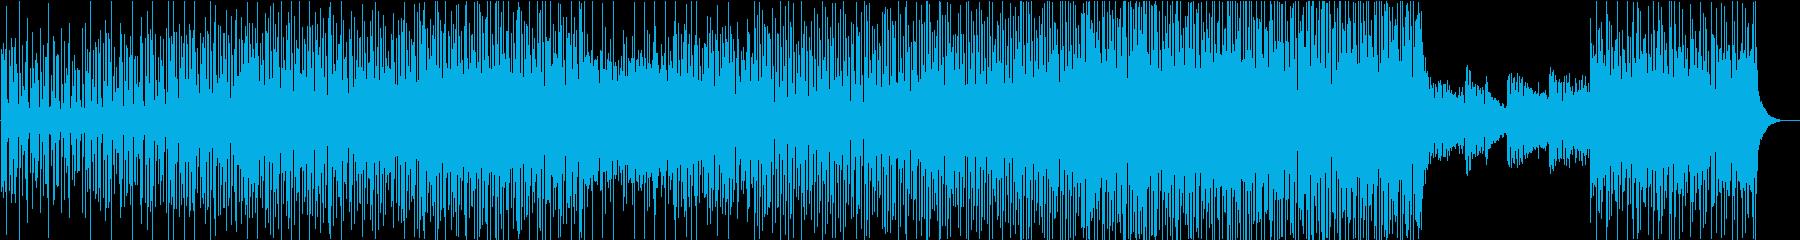 ベースをメインにしたシリアスなテクノの再生済みの波形